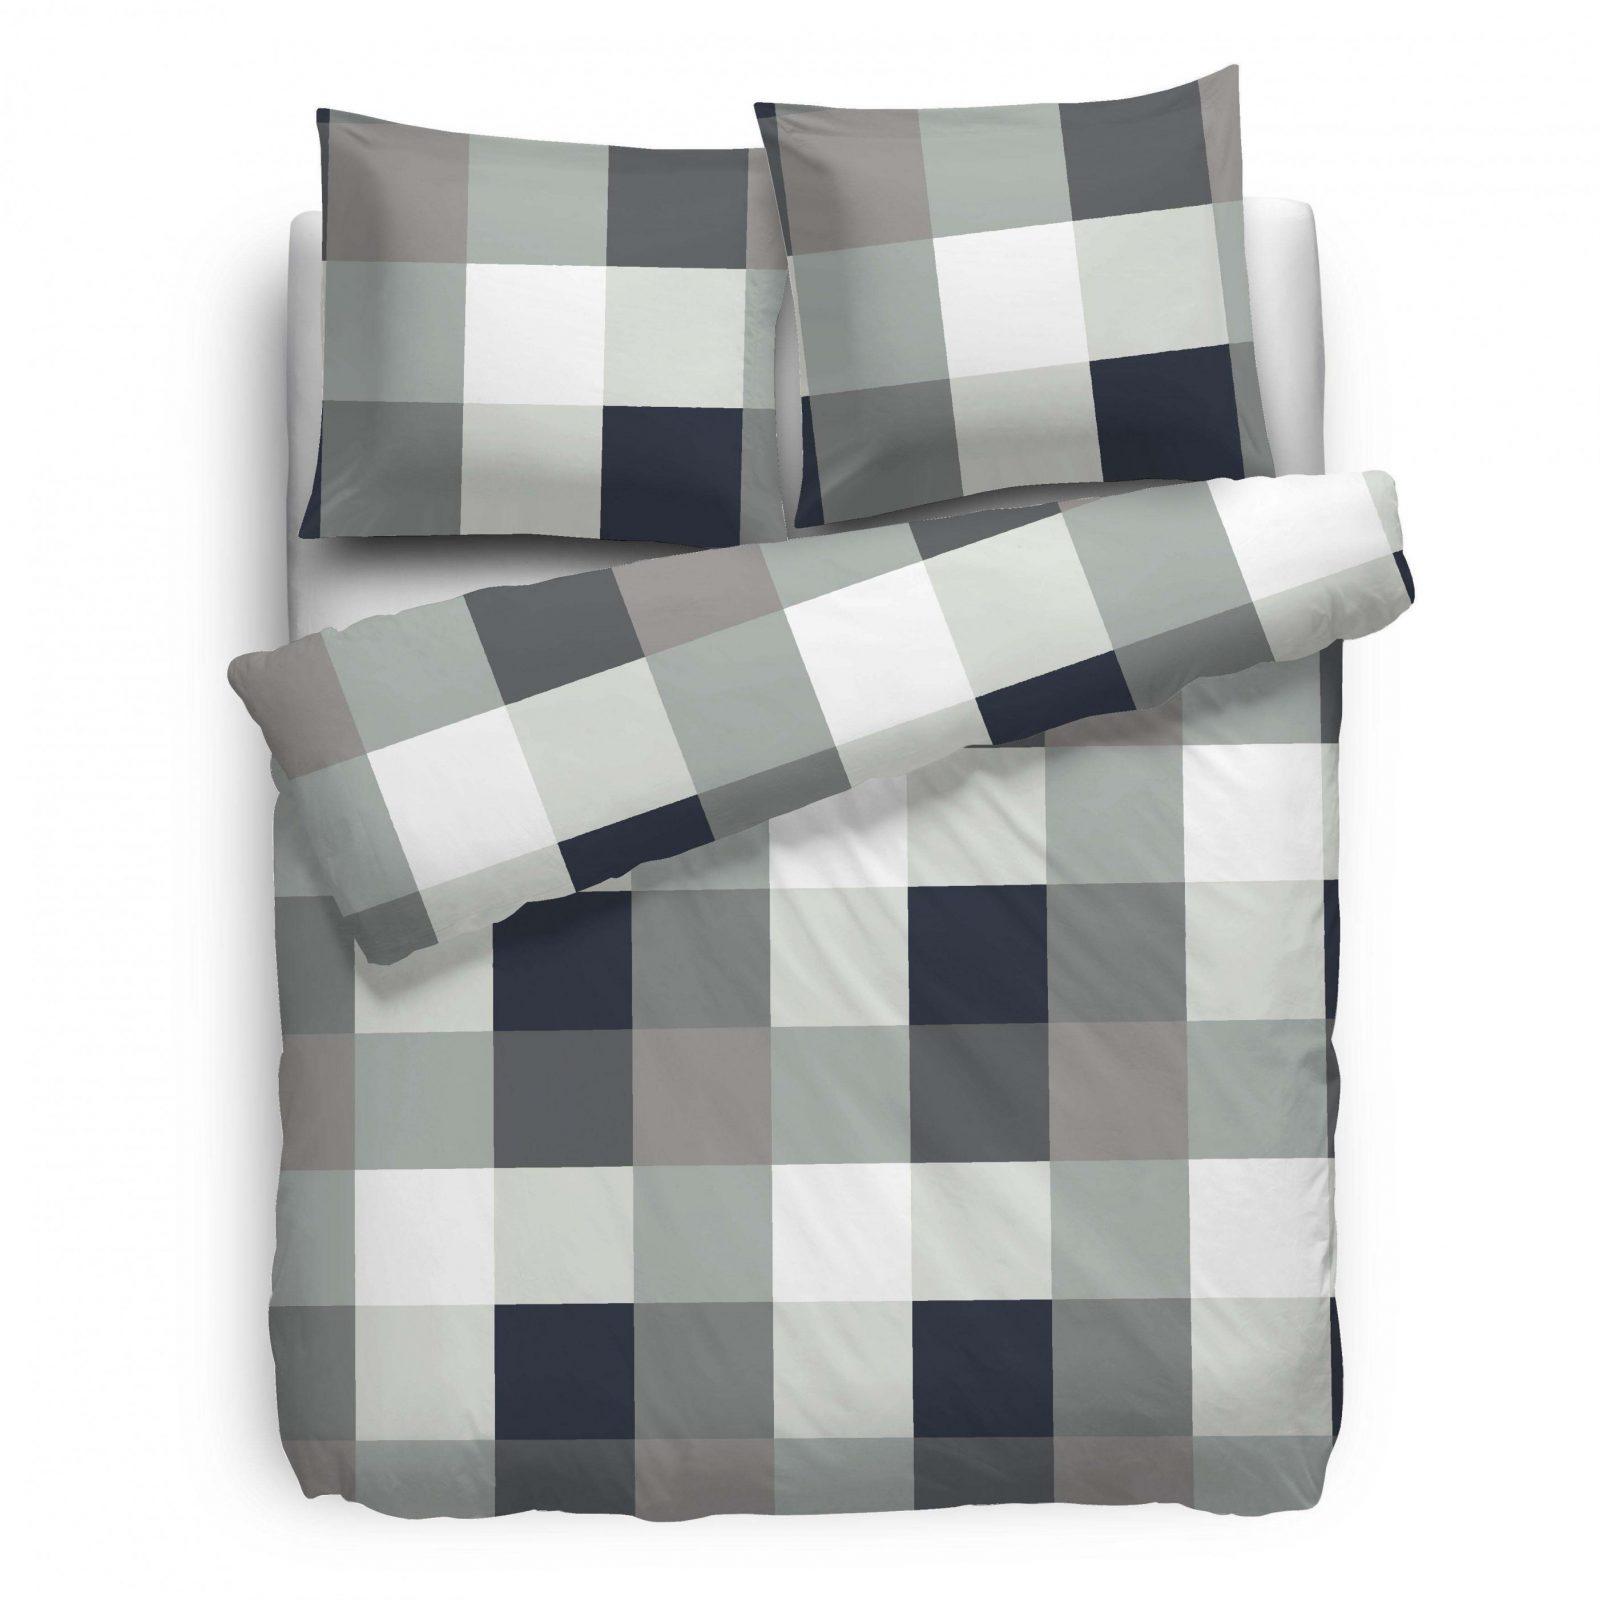 Günstige Bettwäsche > Viele Größen Und Top Designs  Magita von Bettwäsche 220X240 Günstig Bild